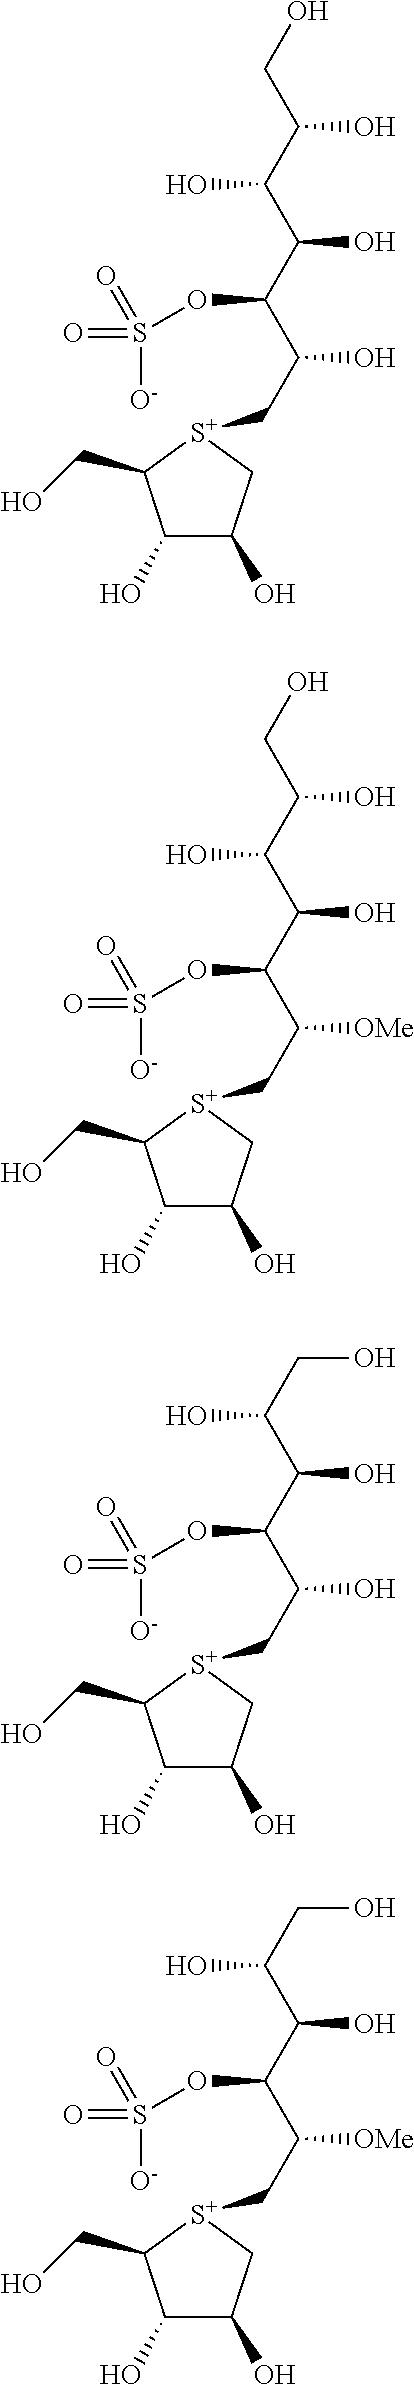 Figure US09962344-20180508-C00068